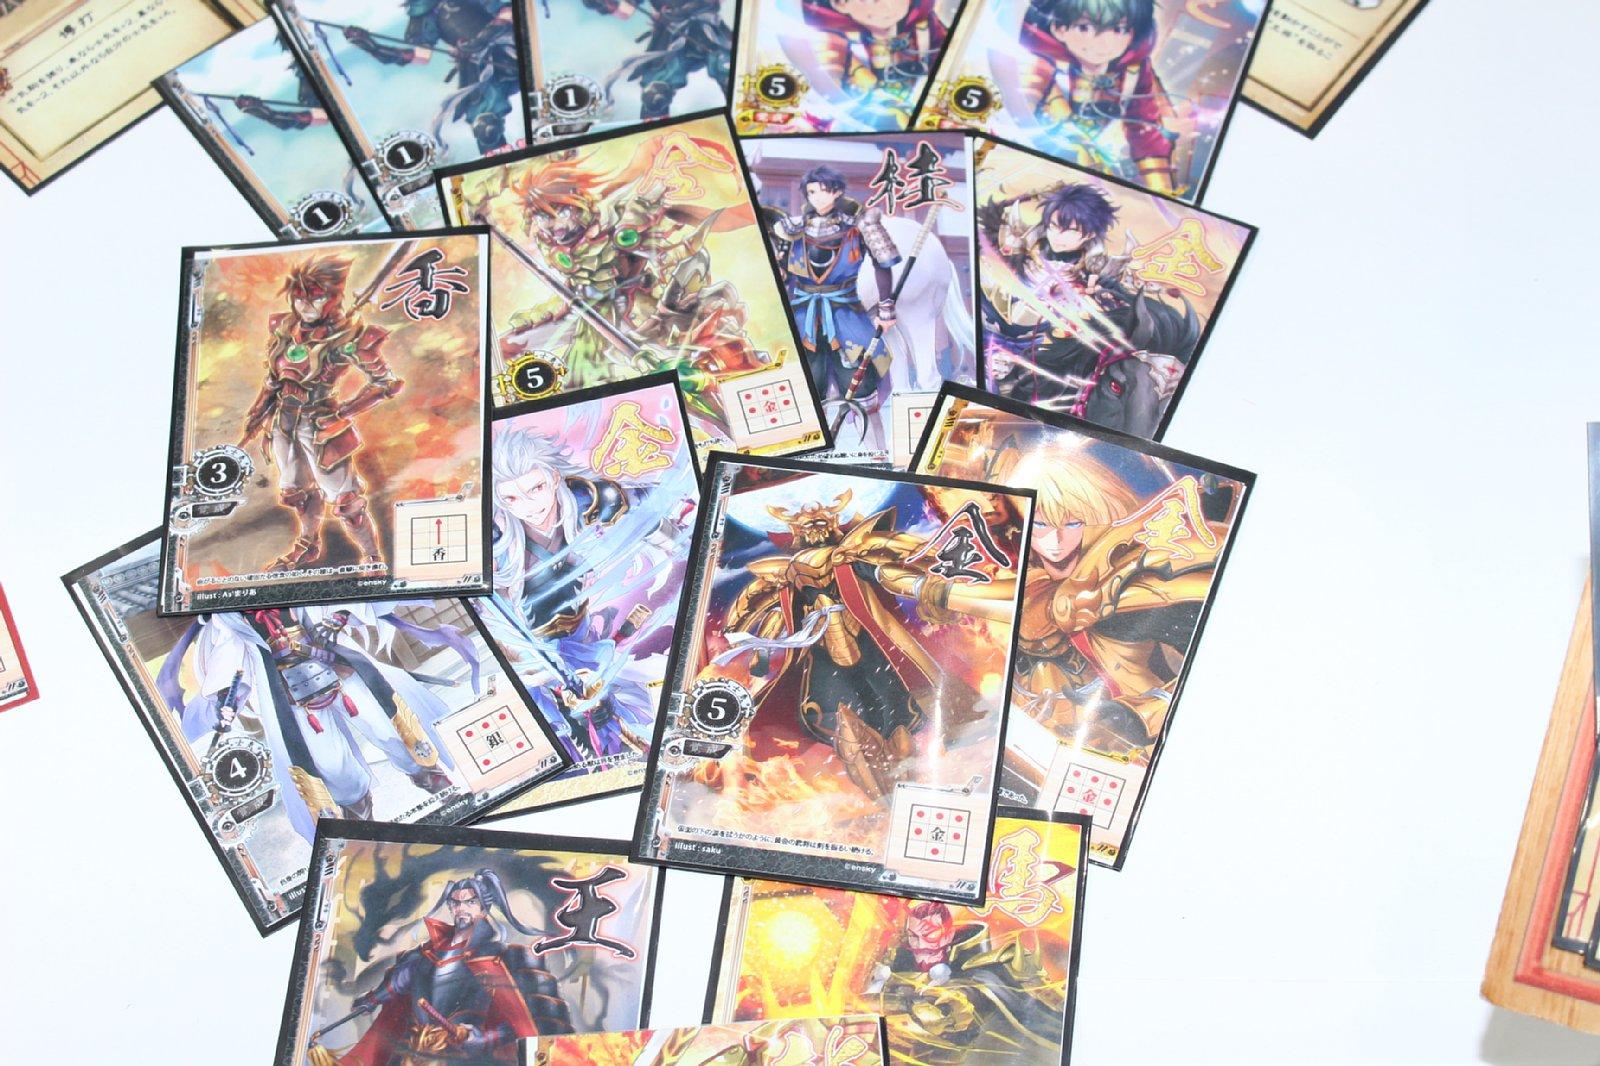 黒の軍勢の駒カードは男性武将がメイン。将棋と同じ動きをする